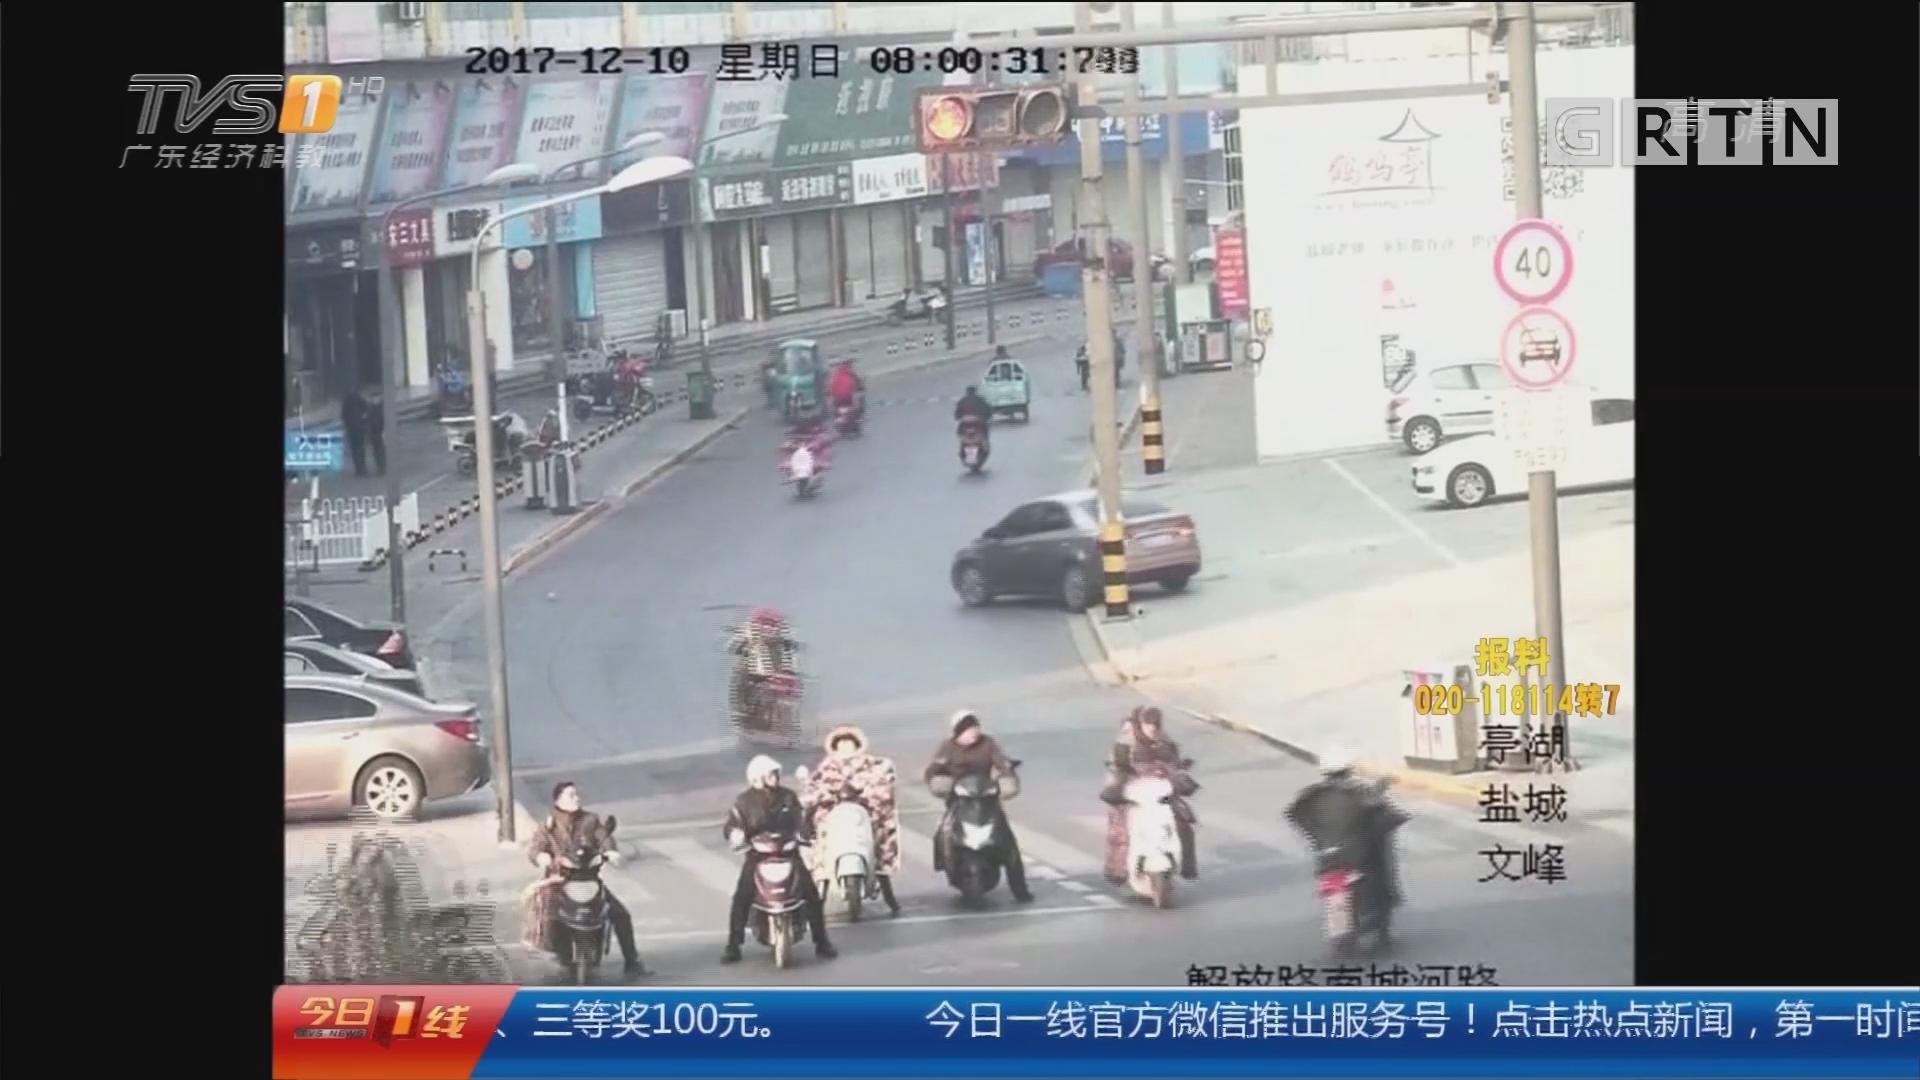 江苏:女子醉驾昏睡车内 一路倒车引发事故